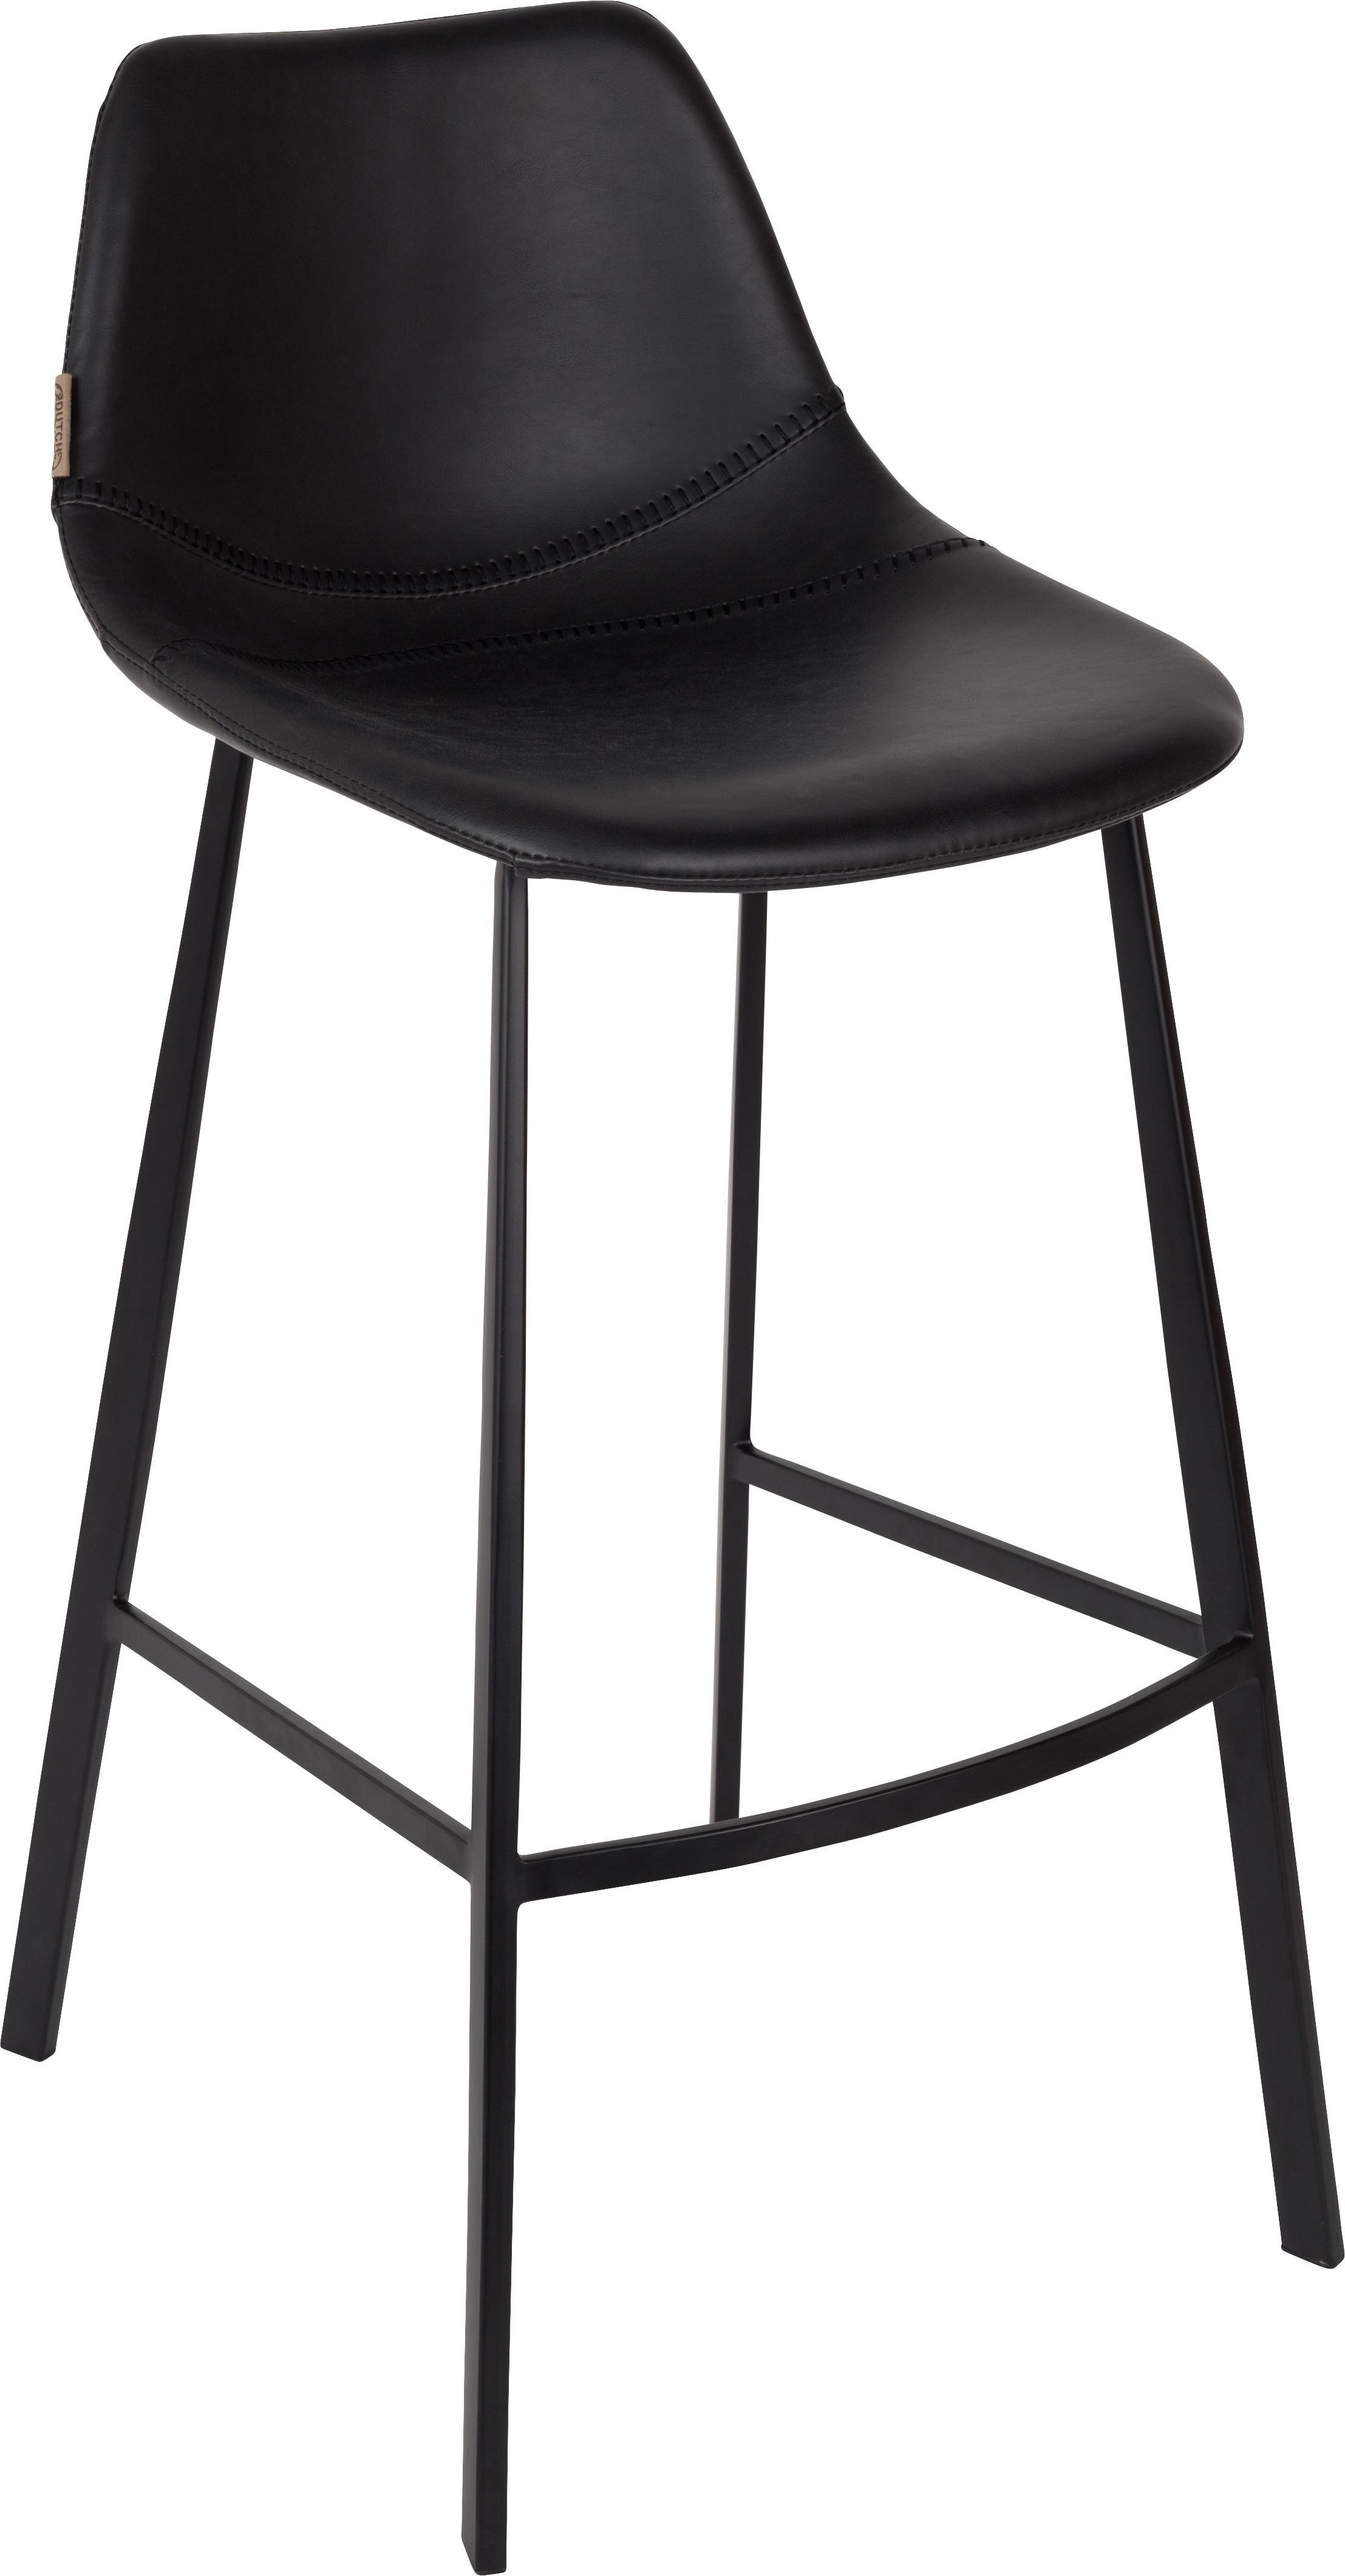 Sedia bar in ecopelle Franky, Rivestimento: similpelle (poliuretano), Gambe: acciaio, verniciato a pol, Sottostruttura: truciolato, Rivestimento: nero con aspetto usato Gambe: nero, Larg. 50 x Alt. 106 cm